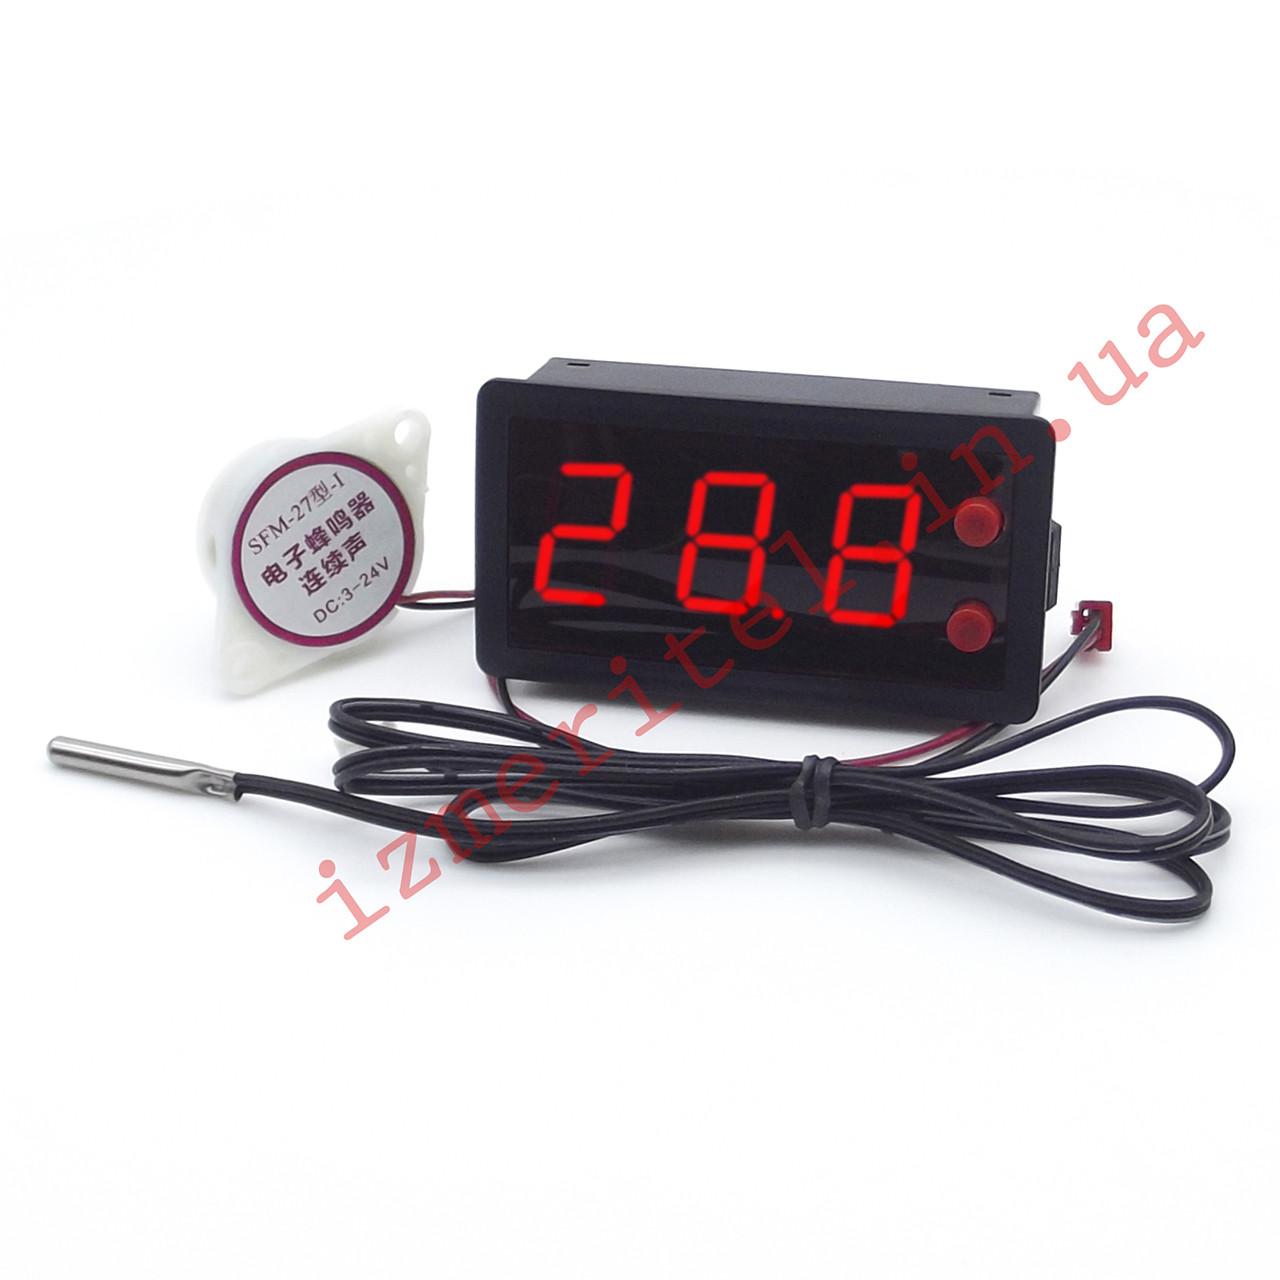 Цифровой термометр с выносным датчиком XH-B330 -50...+110 °С